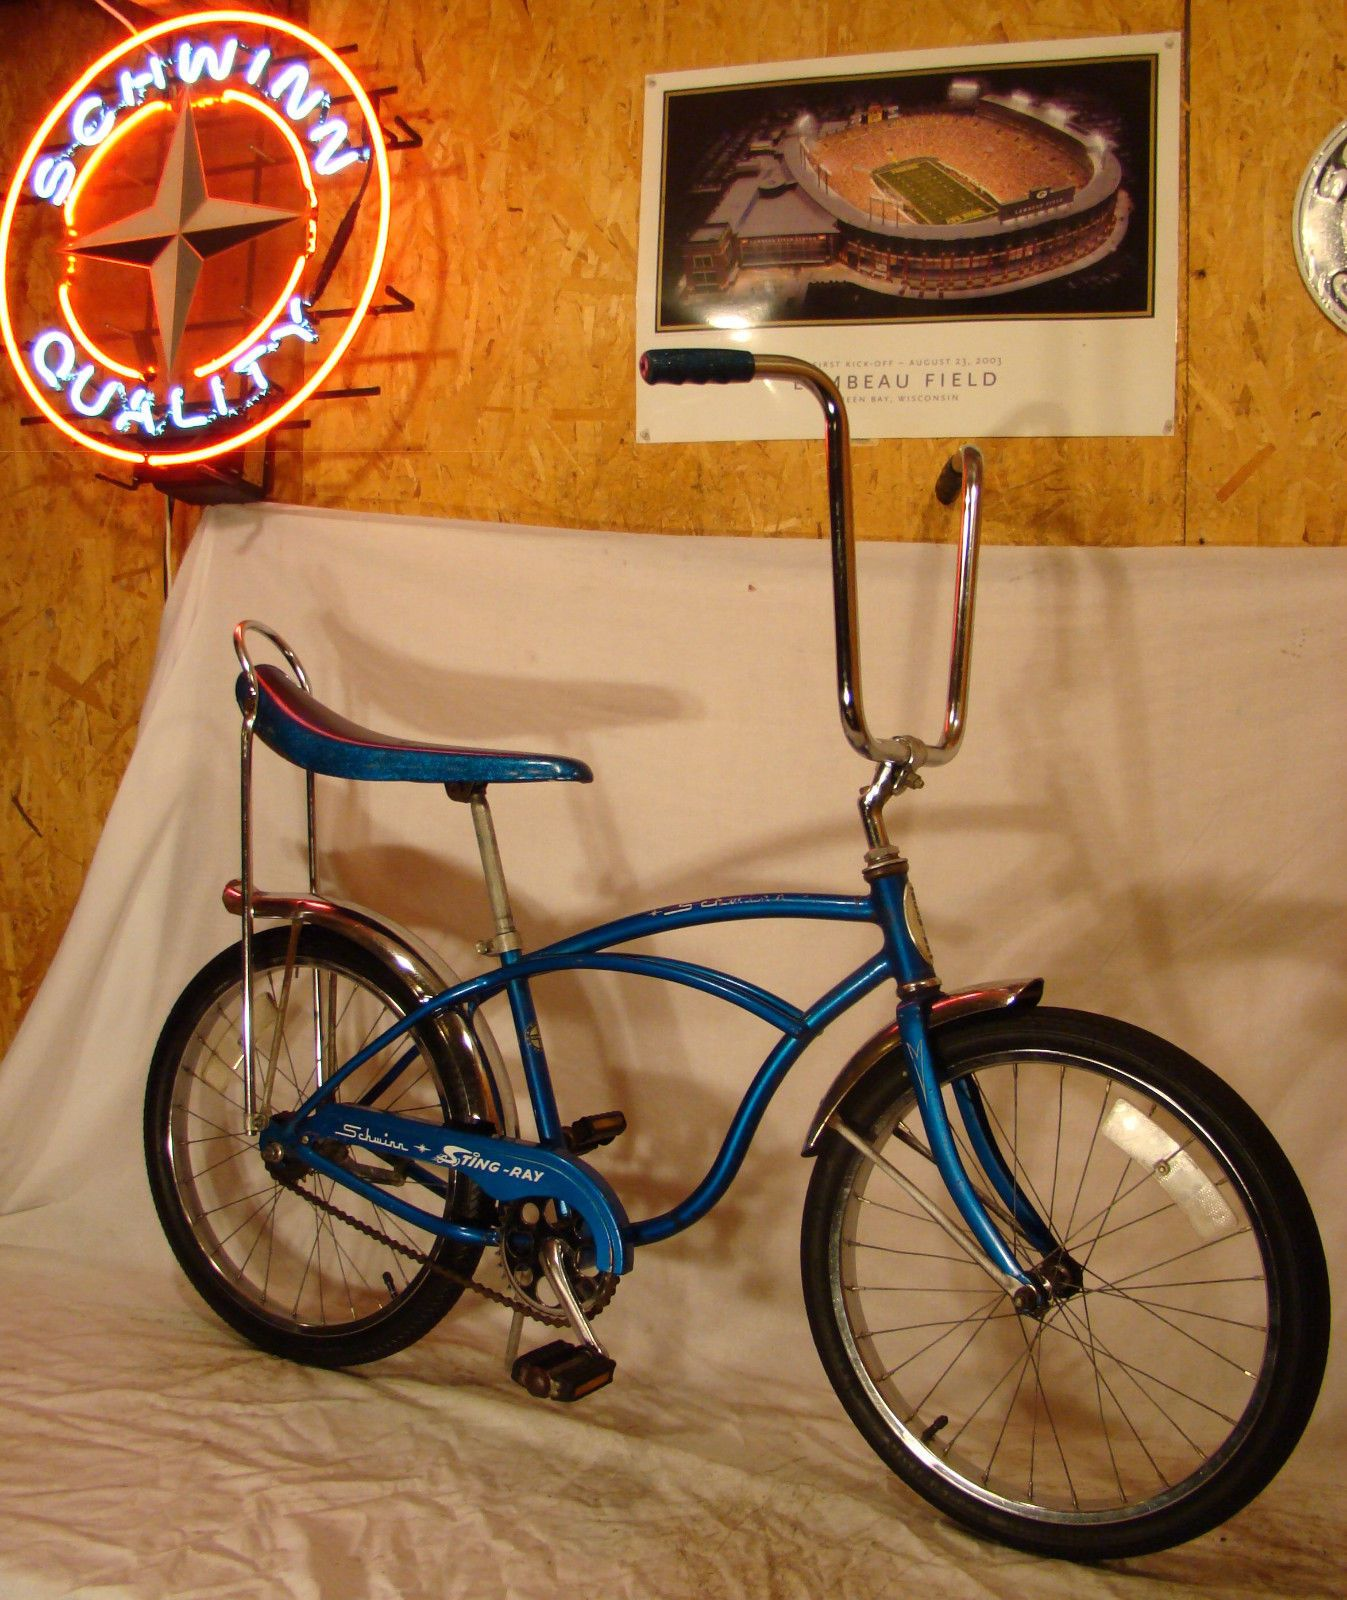 024481db3de 1976 SCHWINN STINGRAY BOYS BLUE BANANA SEAT MUSCLE BICYCLE VINTAGE S7! |  eBay